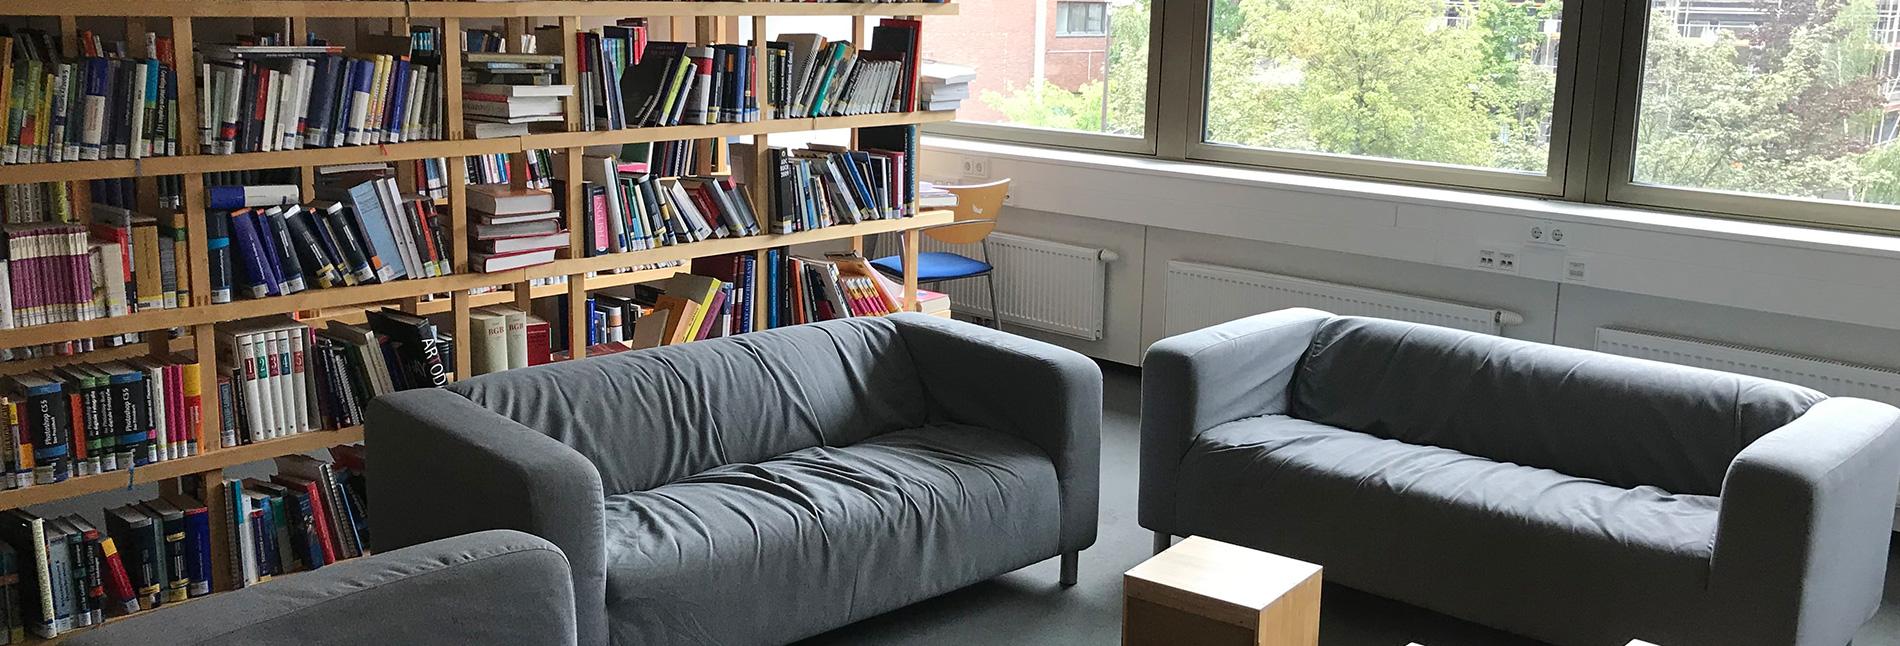 Gemütliche Couchen in der hellen Bibliothek.